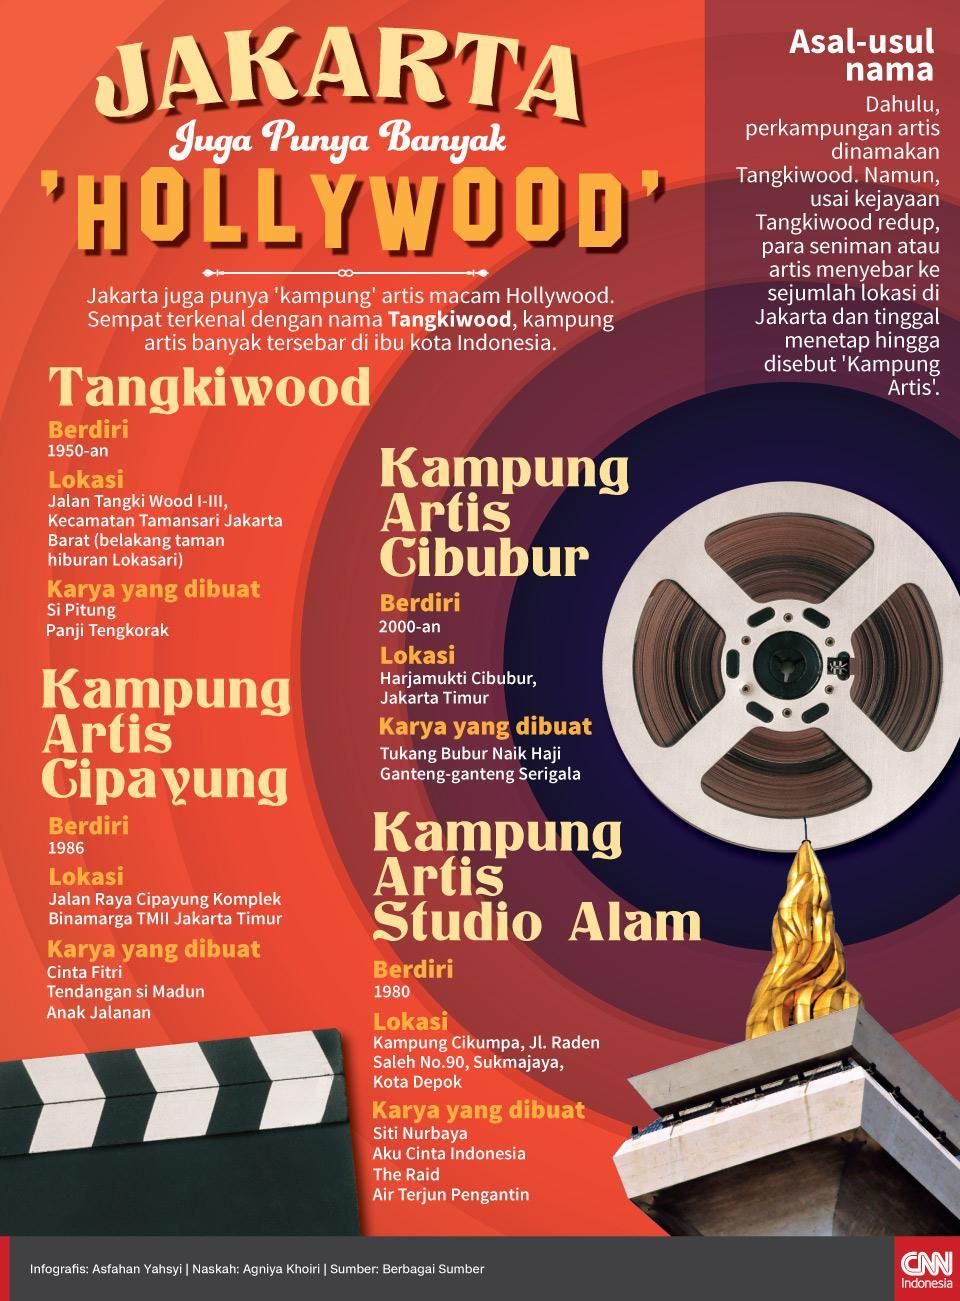 Wisata Kulinere Inilah Kampung Artis Jakarta Tempo Dulu Tangkiwood